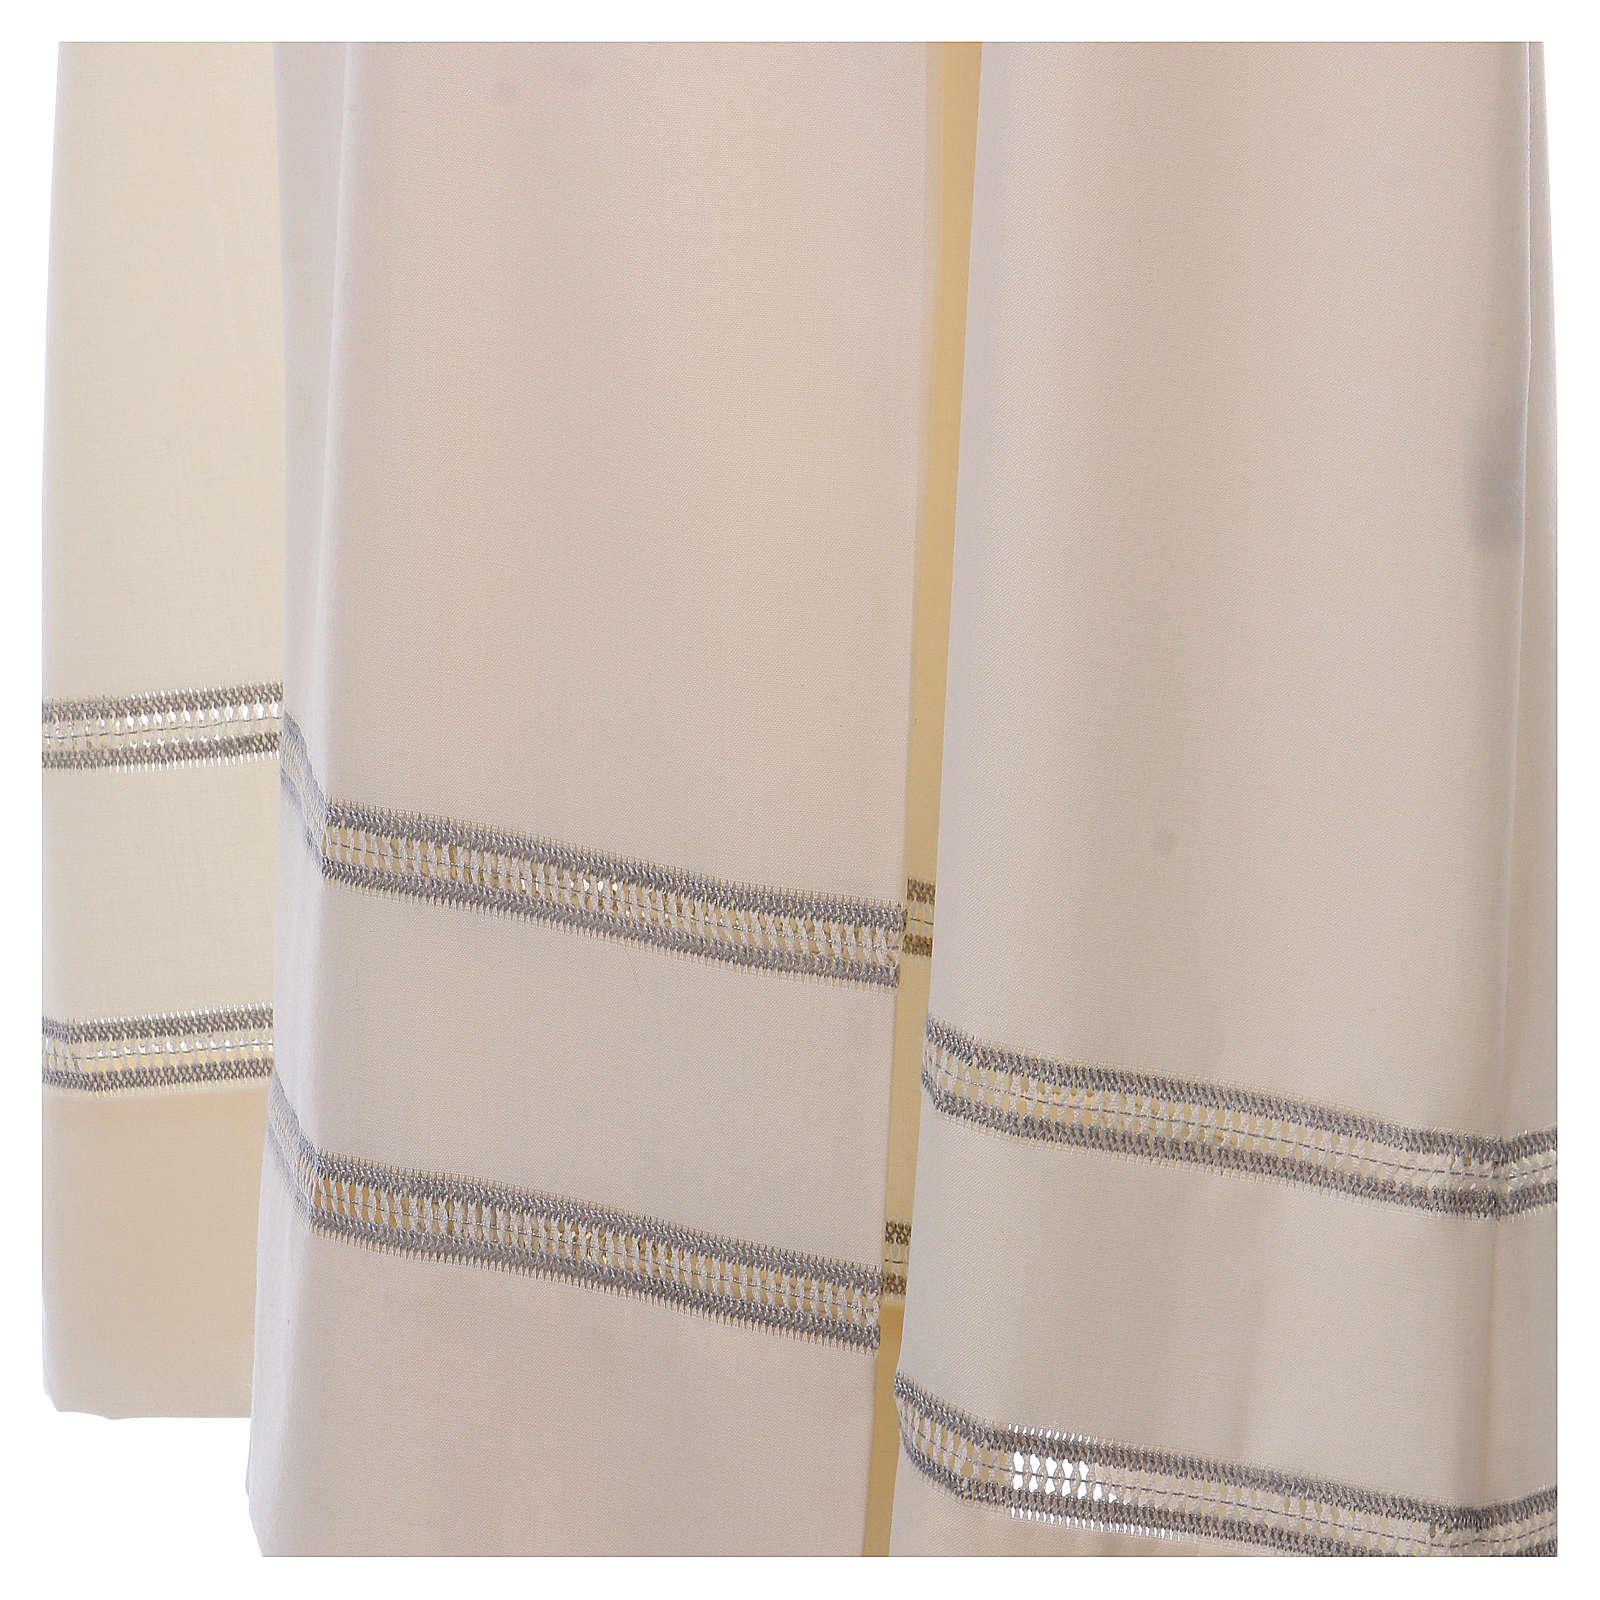 Camice avorio 55% lana 45% poliestere cerniera davanti gigliuccio 4